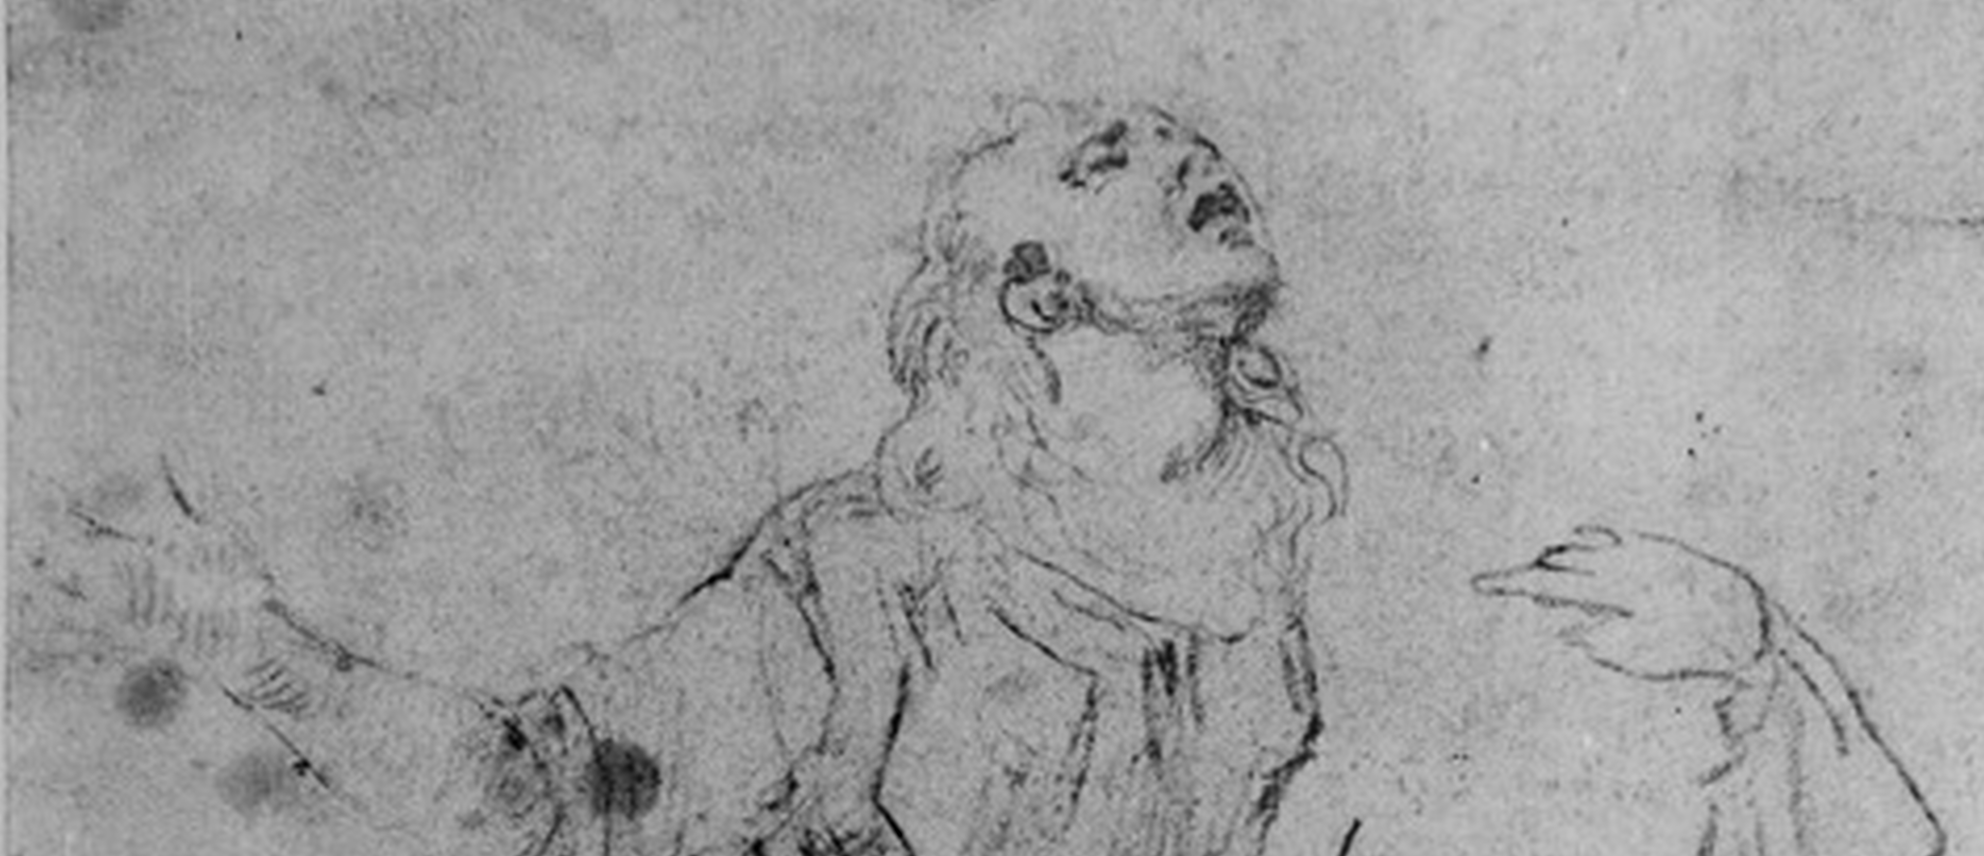 L'IDEA E IL DISEGNO Bozzetti e disegni di Simone Peterzano per la Certosa